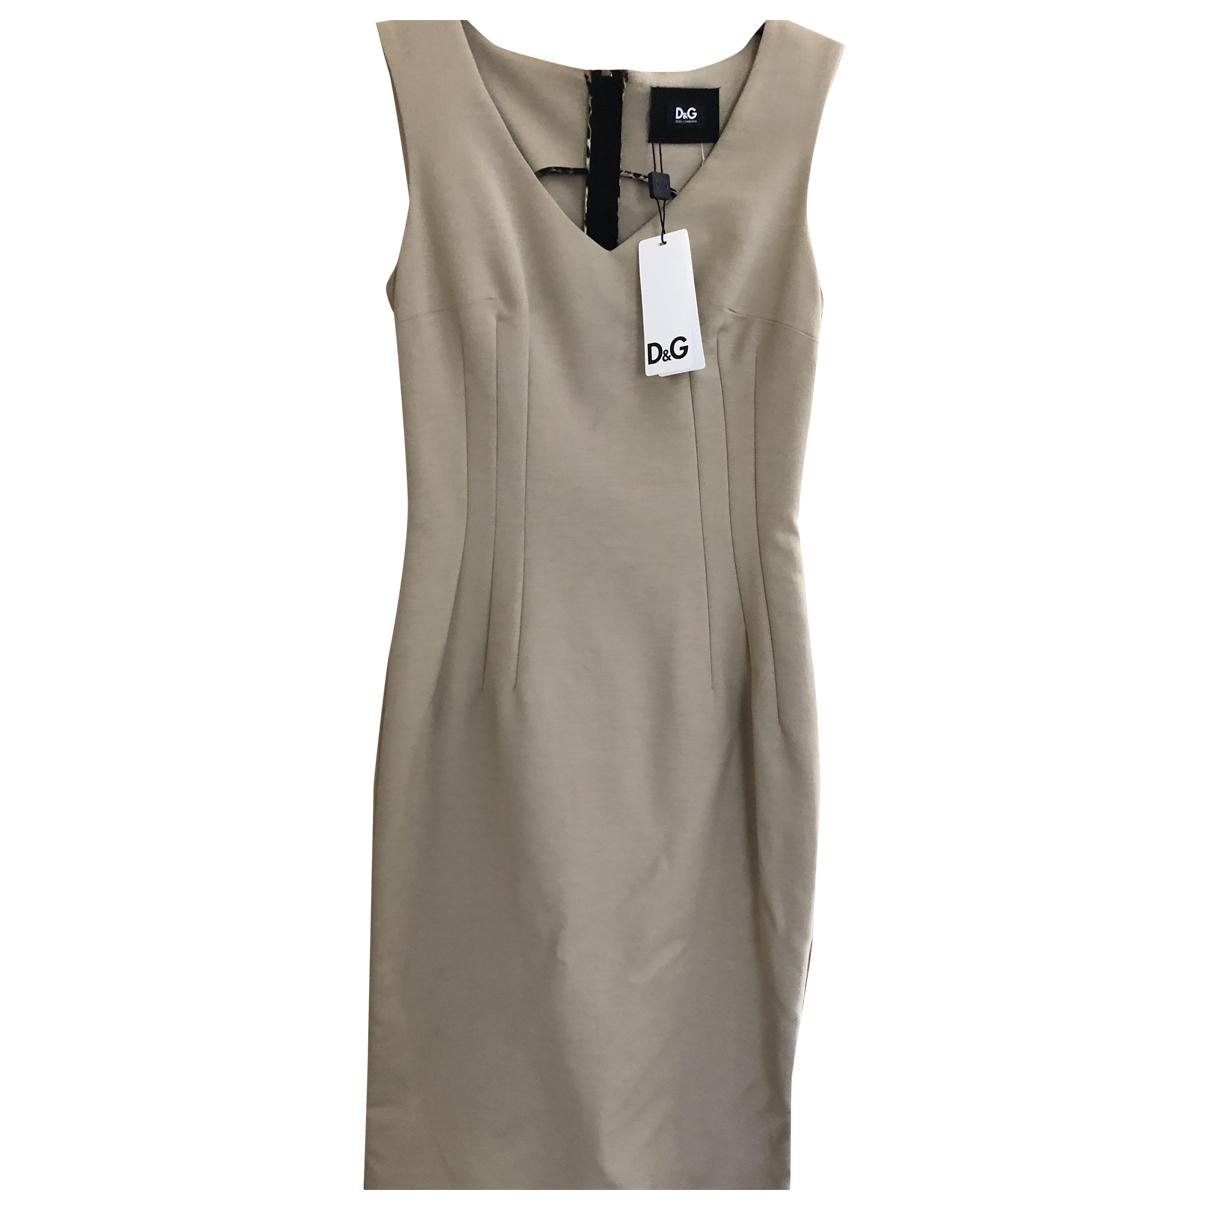 D&g \N Kleid in  Beige Baumwolle